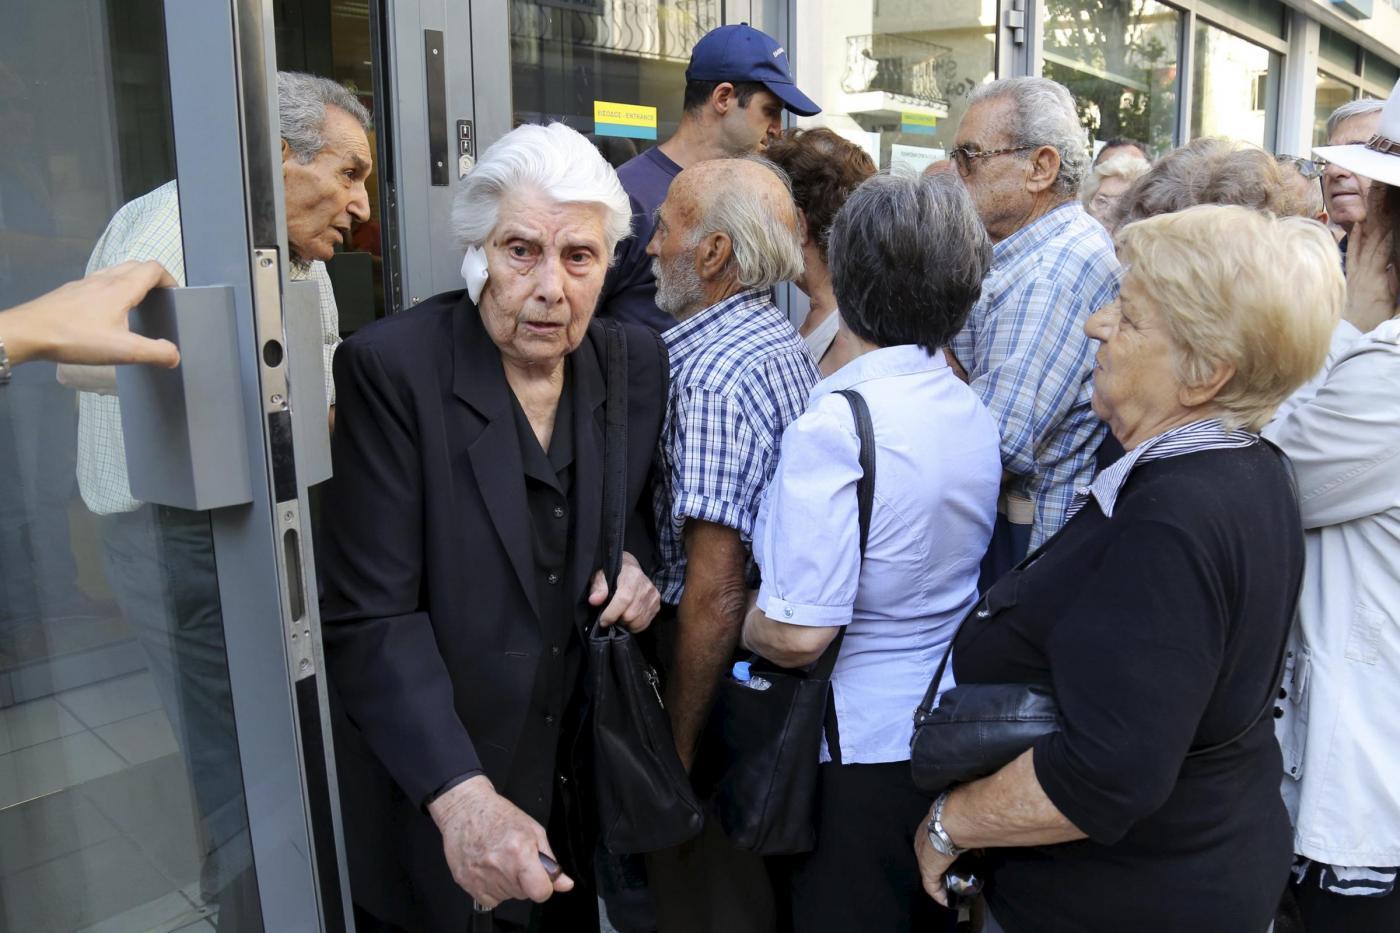 Grecia, Bce-Ue elogiano Atene per collaborazione nei negoziati